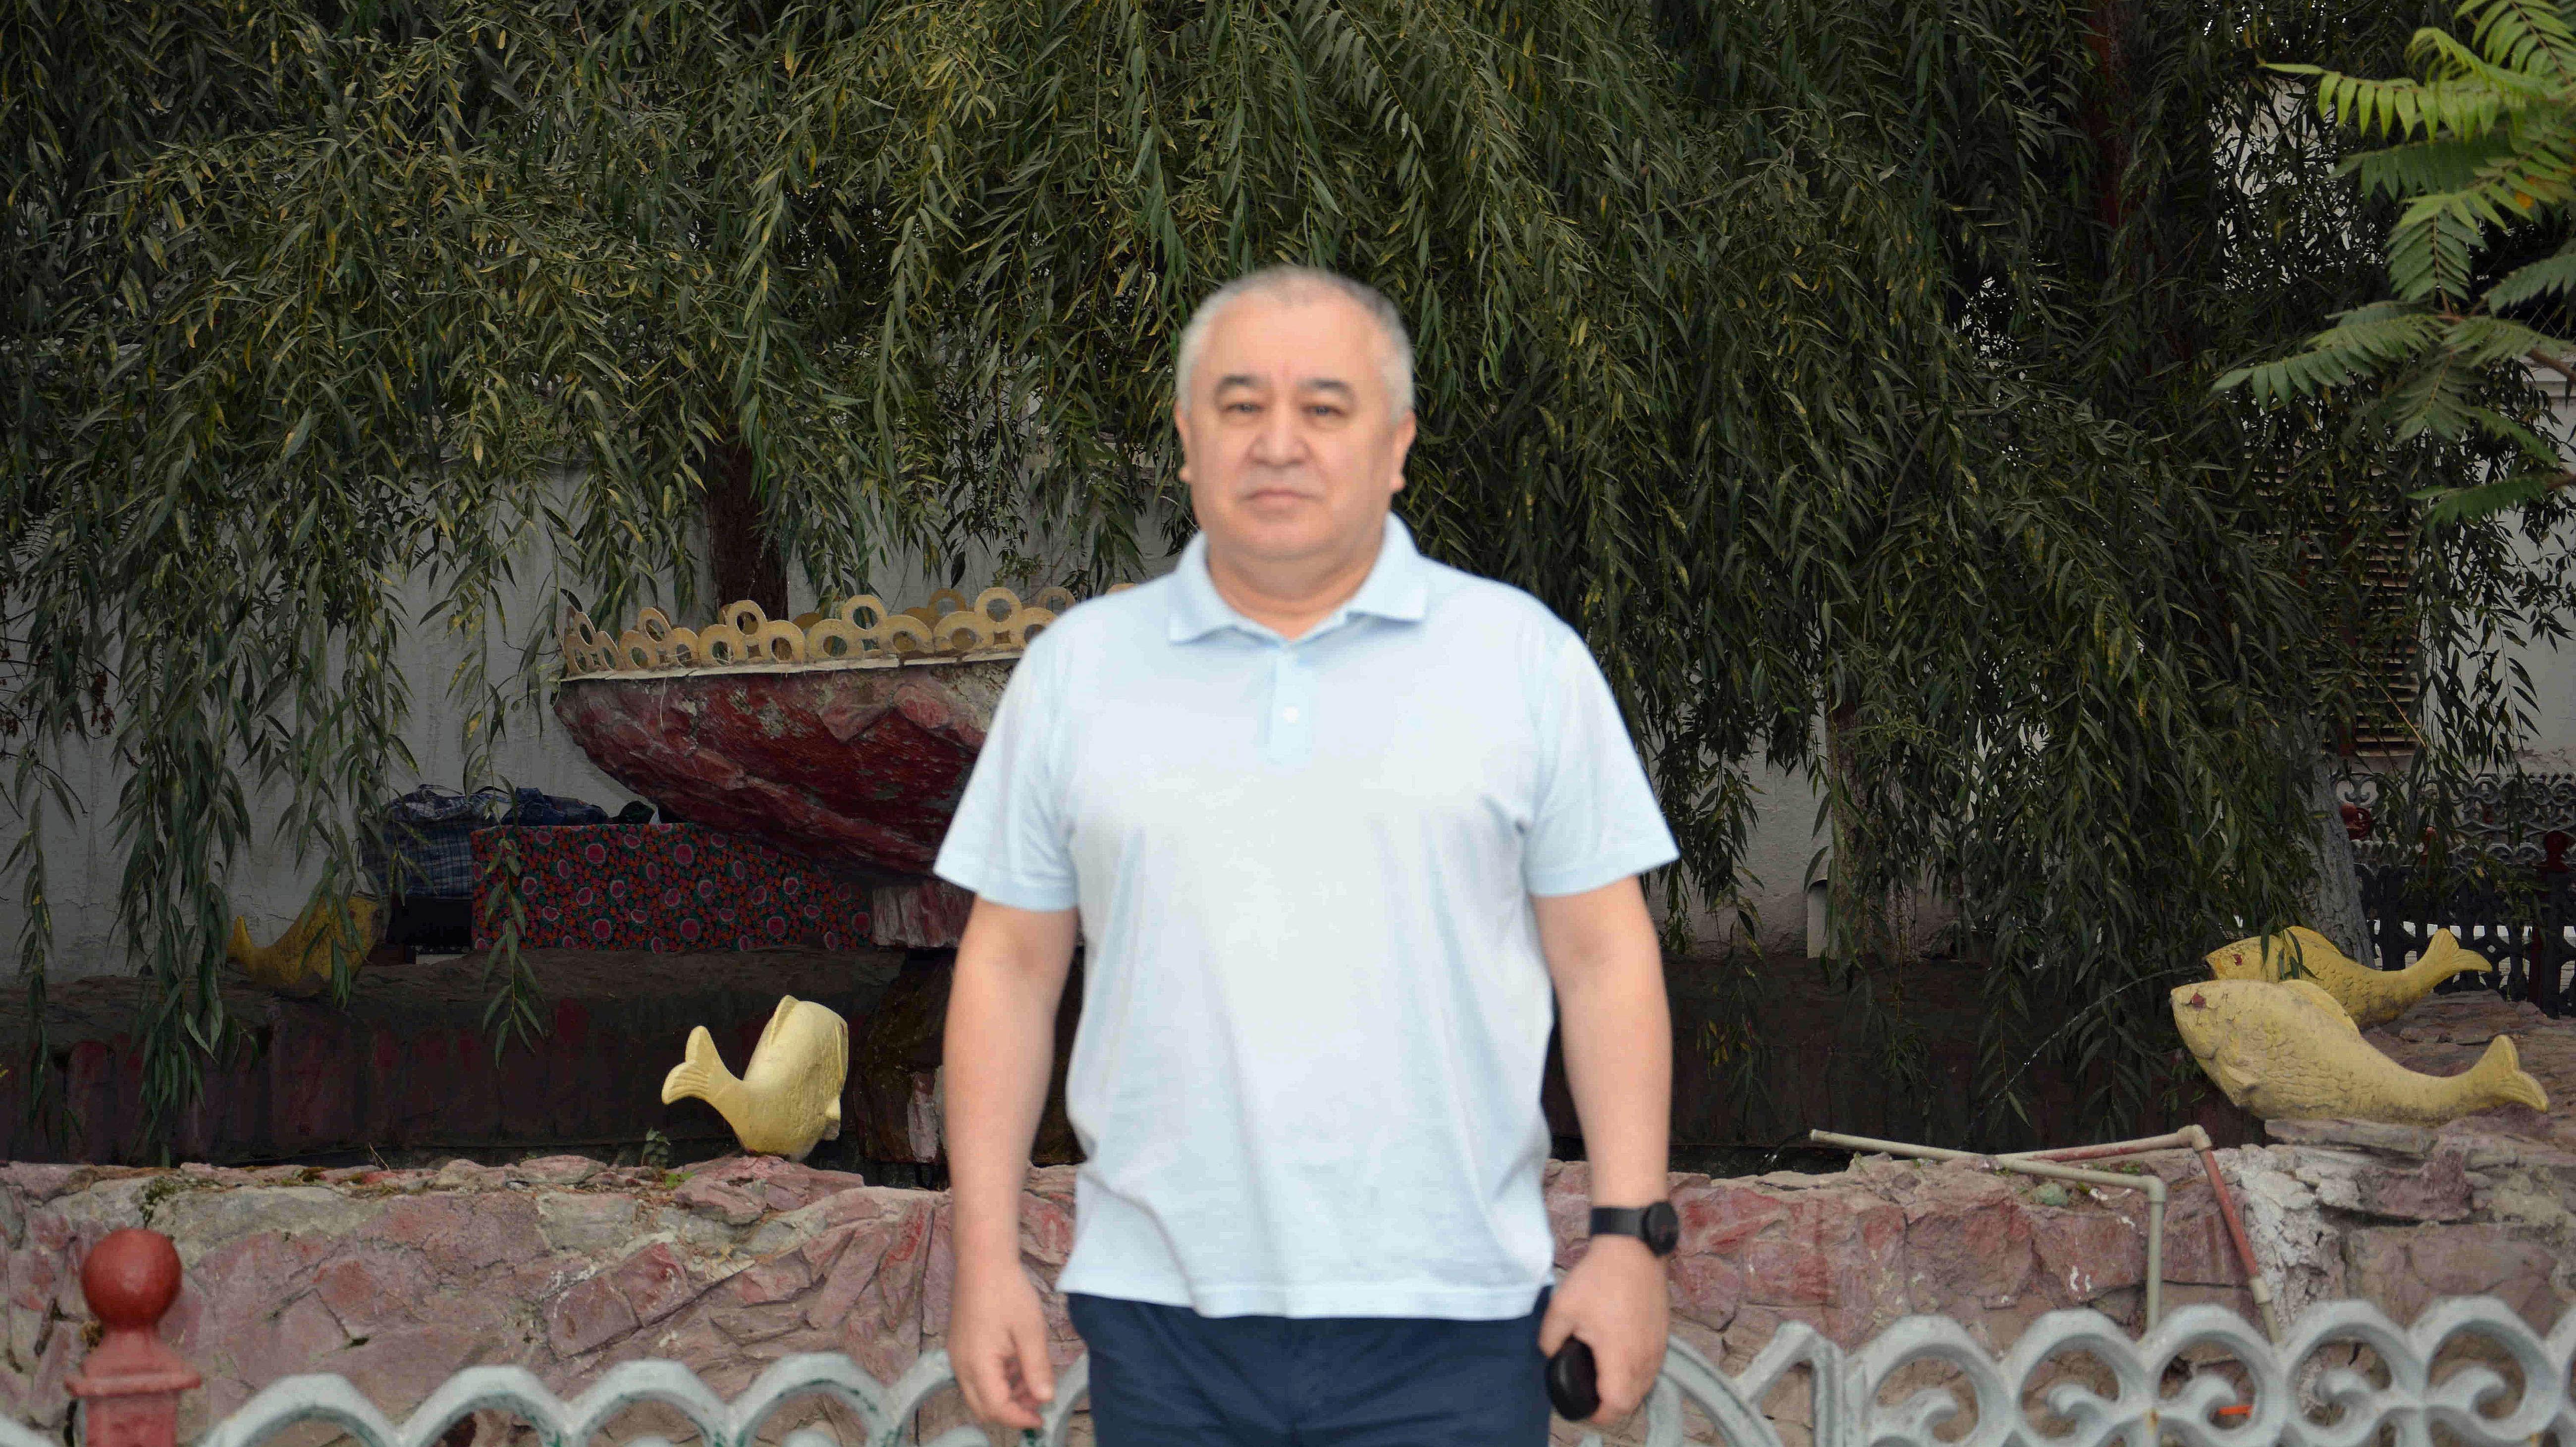 Лидер партии Ата Мекен Омурбек Текебаев, отбывающего уголовное наказание в исправительной колонии № 47